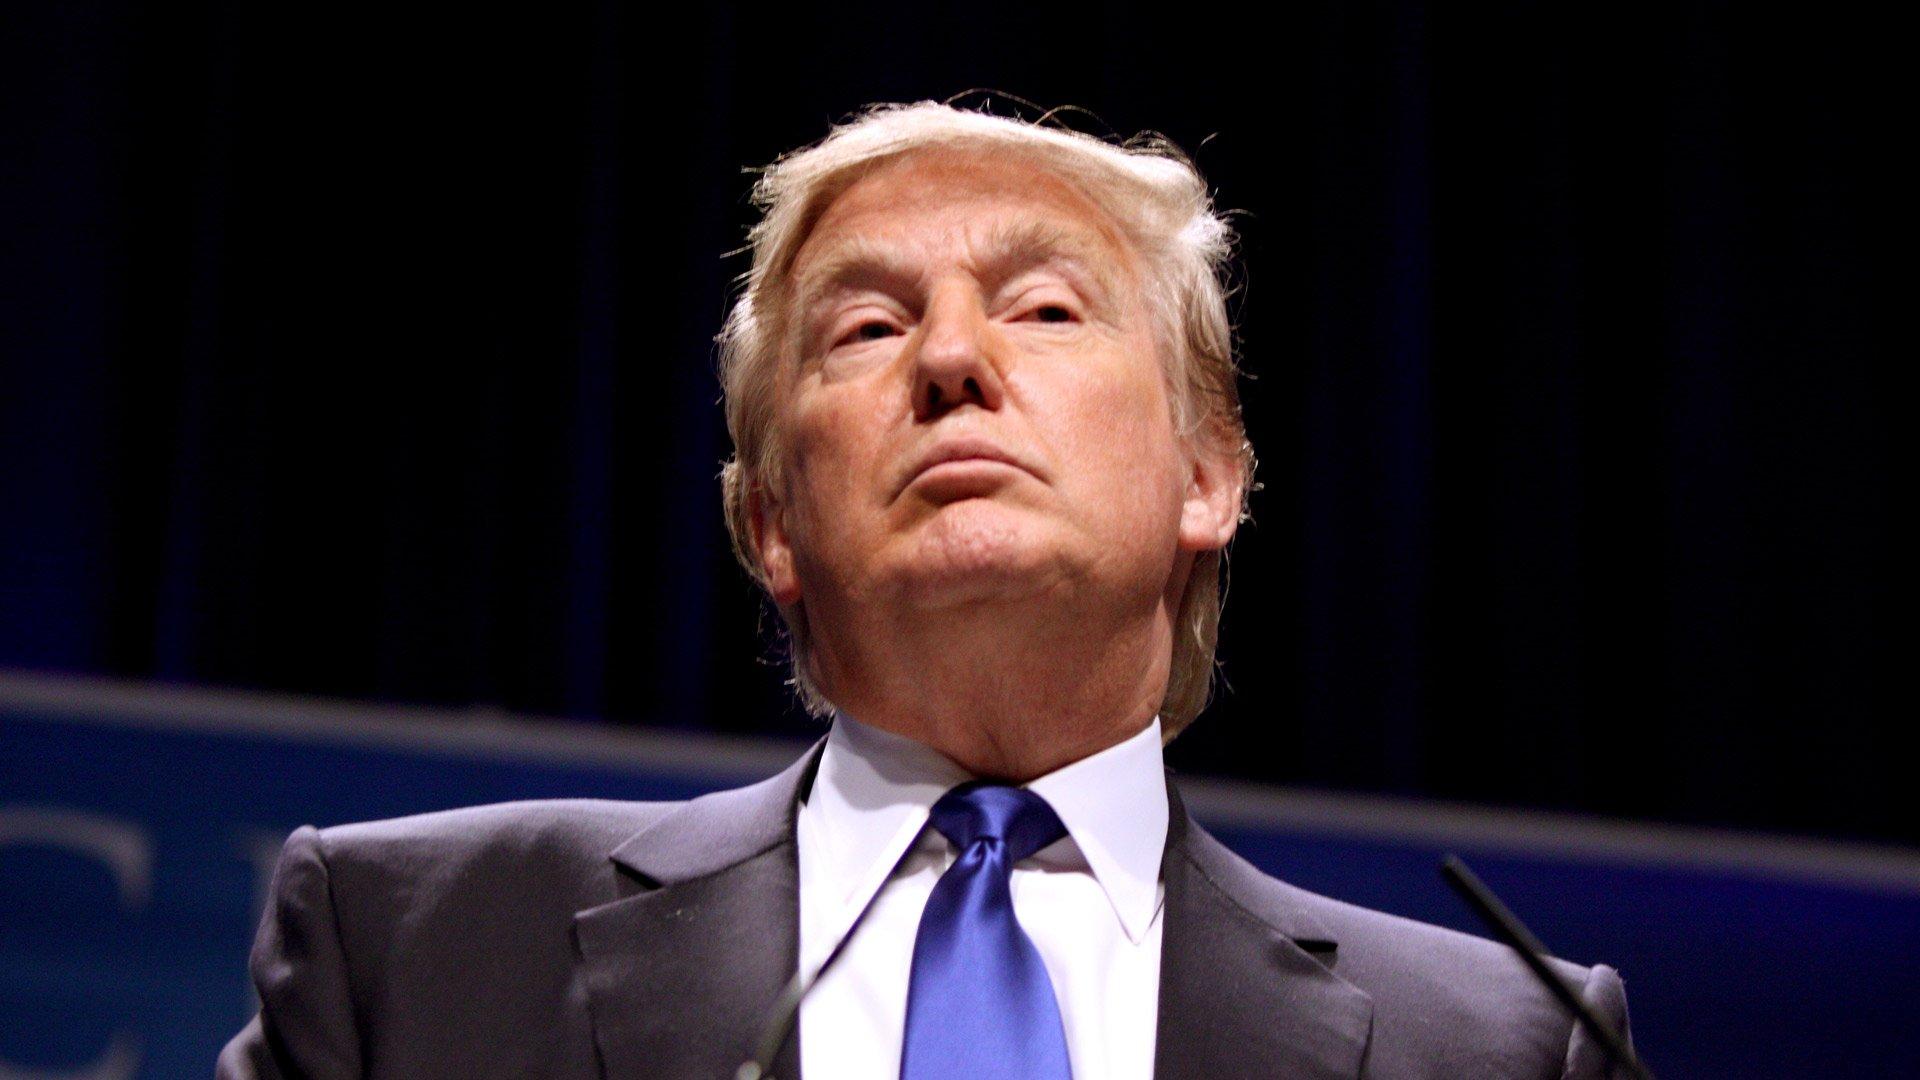 Провокация путинских военных у берегов США вынудила Трампа принять жесткое решение: СМИ сообщили плохую новость для Кремля